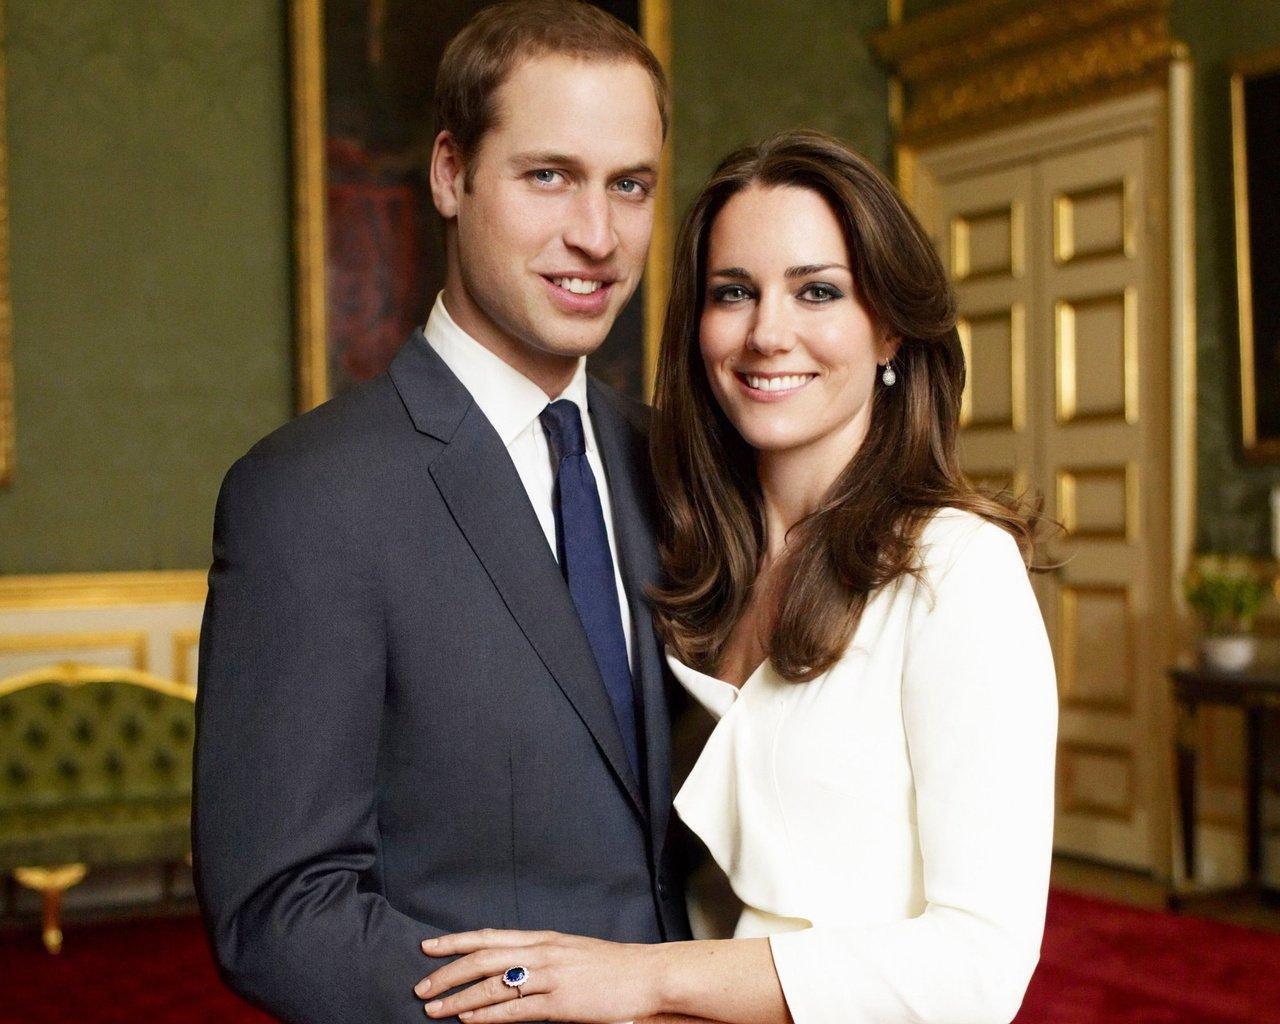 Любовь с первого взгляда: раскрыли настоящую историю знакомства принца Уильяма и Кейт Миддлтон